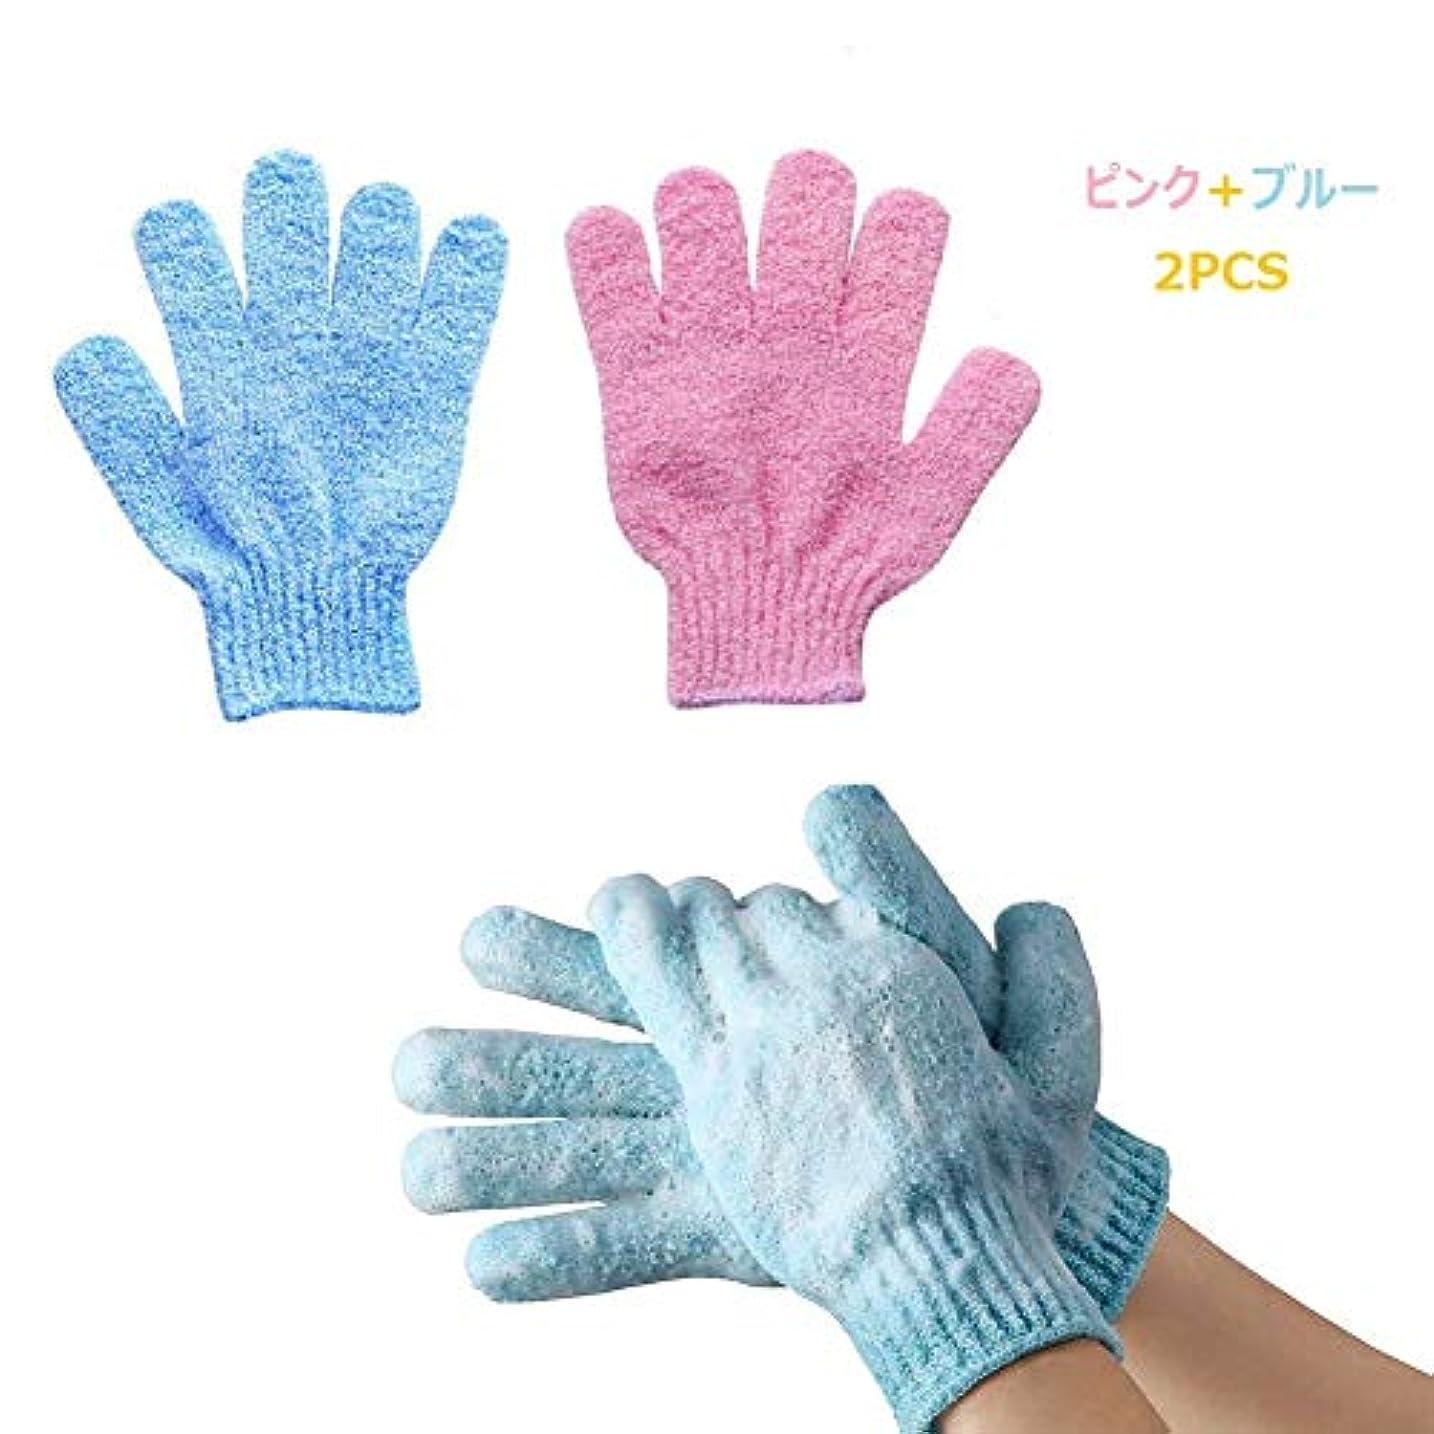 中世のヒロイック購入ROOFTOPS お風呂手袋 五本指 シャワーグローブ 泡立ち 柔らかい 入浴用品 角質除去 垢すり 2PCS (ピンク+ブルー)